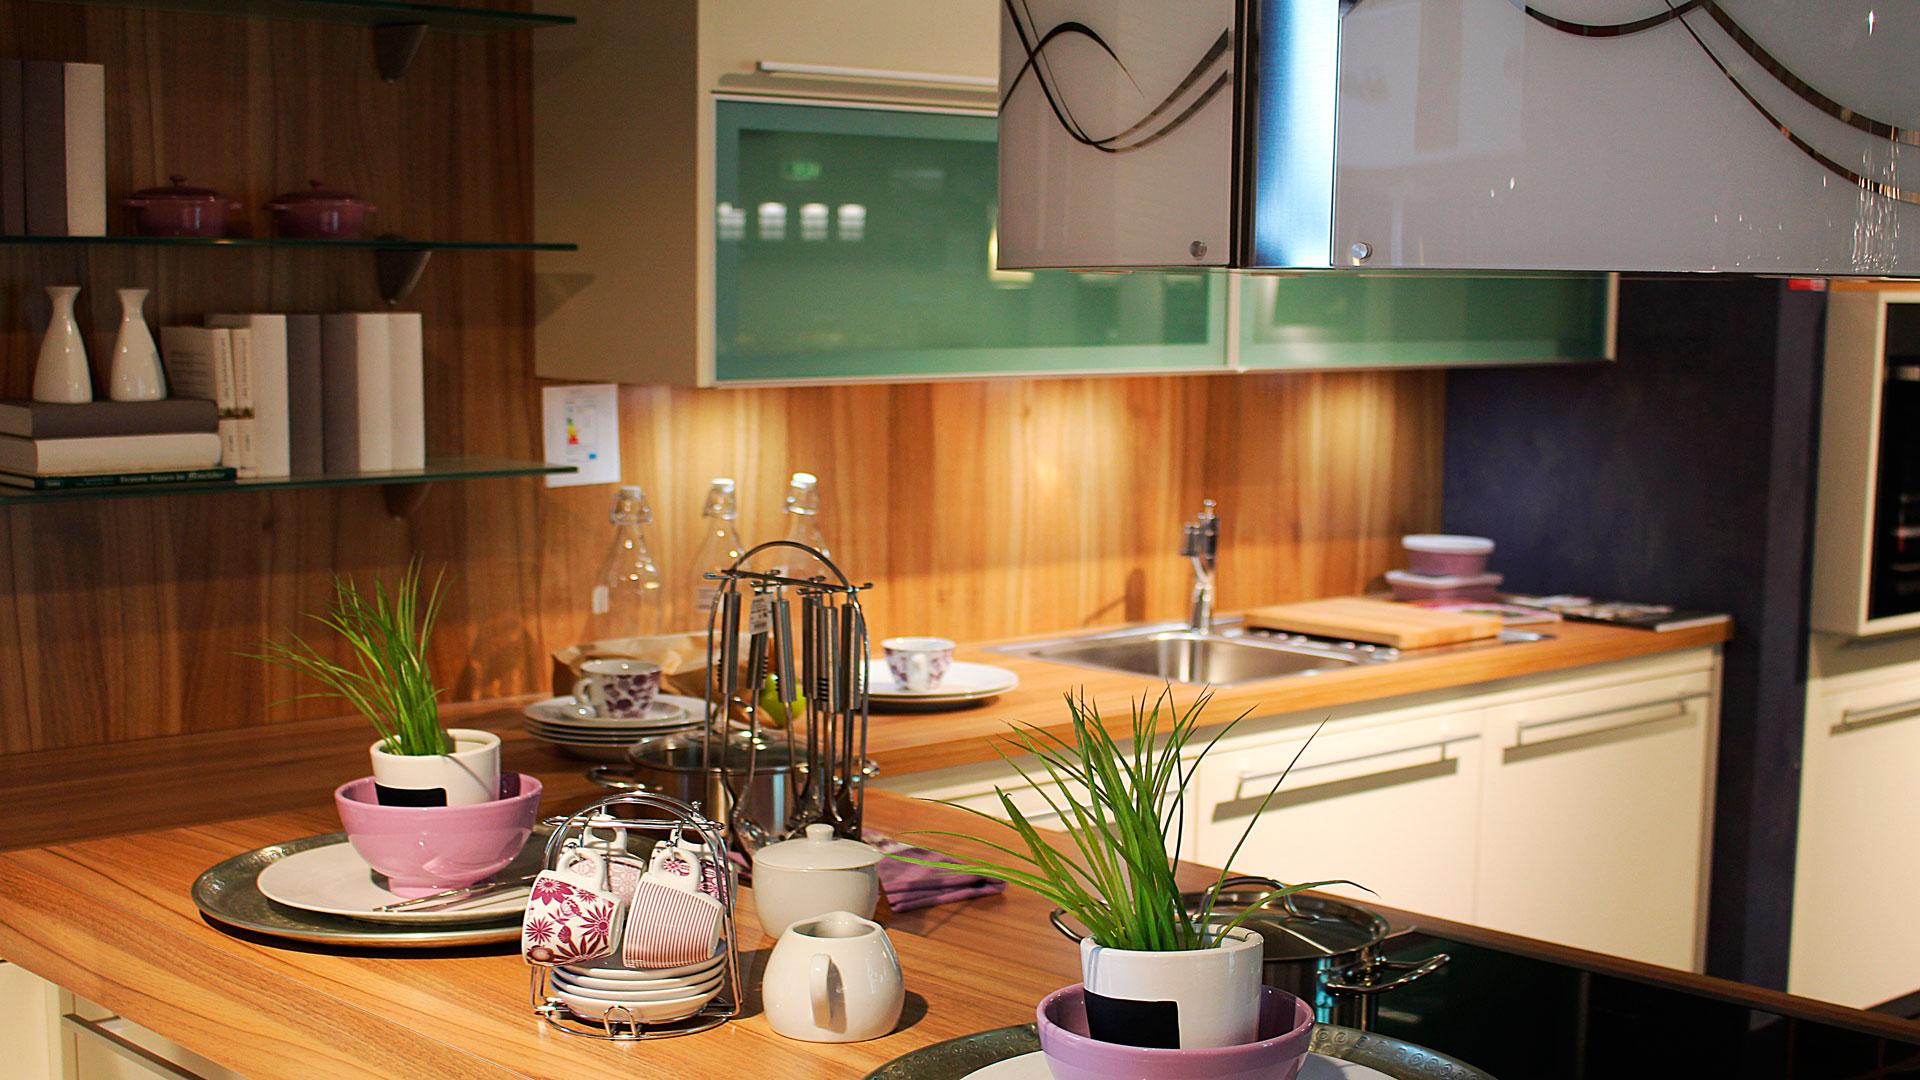 Bonito de que color pintar la cocina im genes download - Colores para pintar una cocina ...